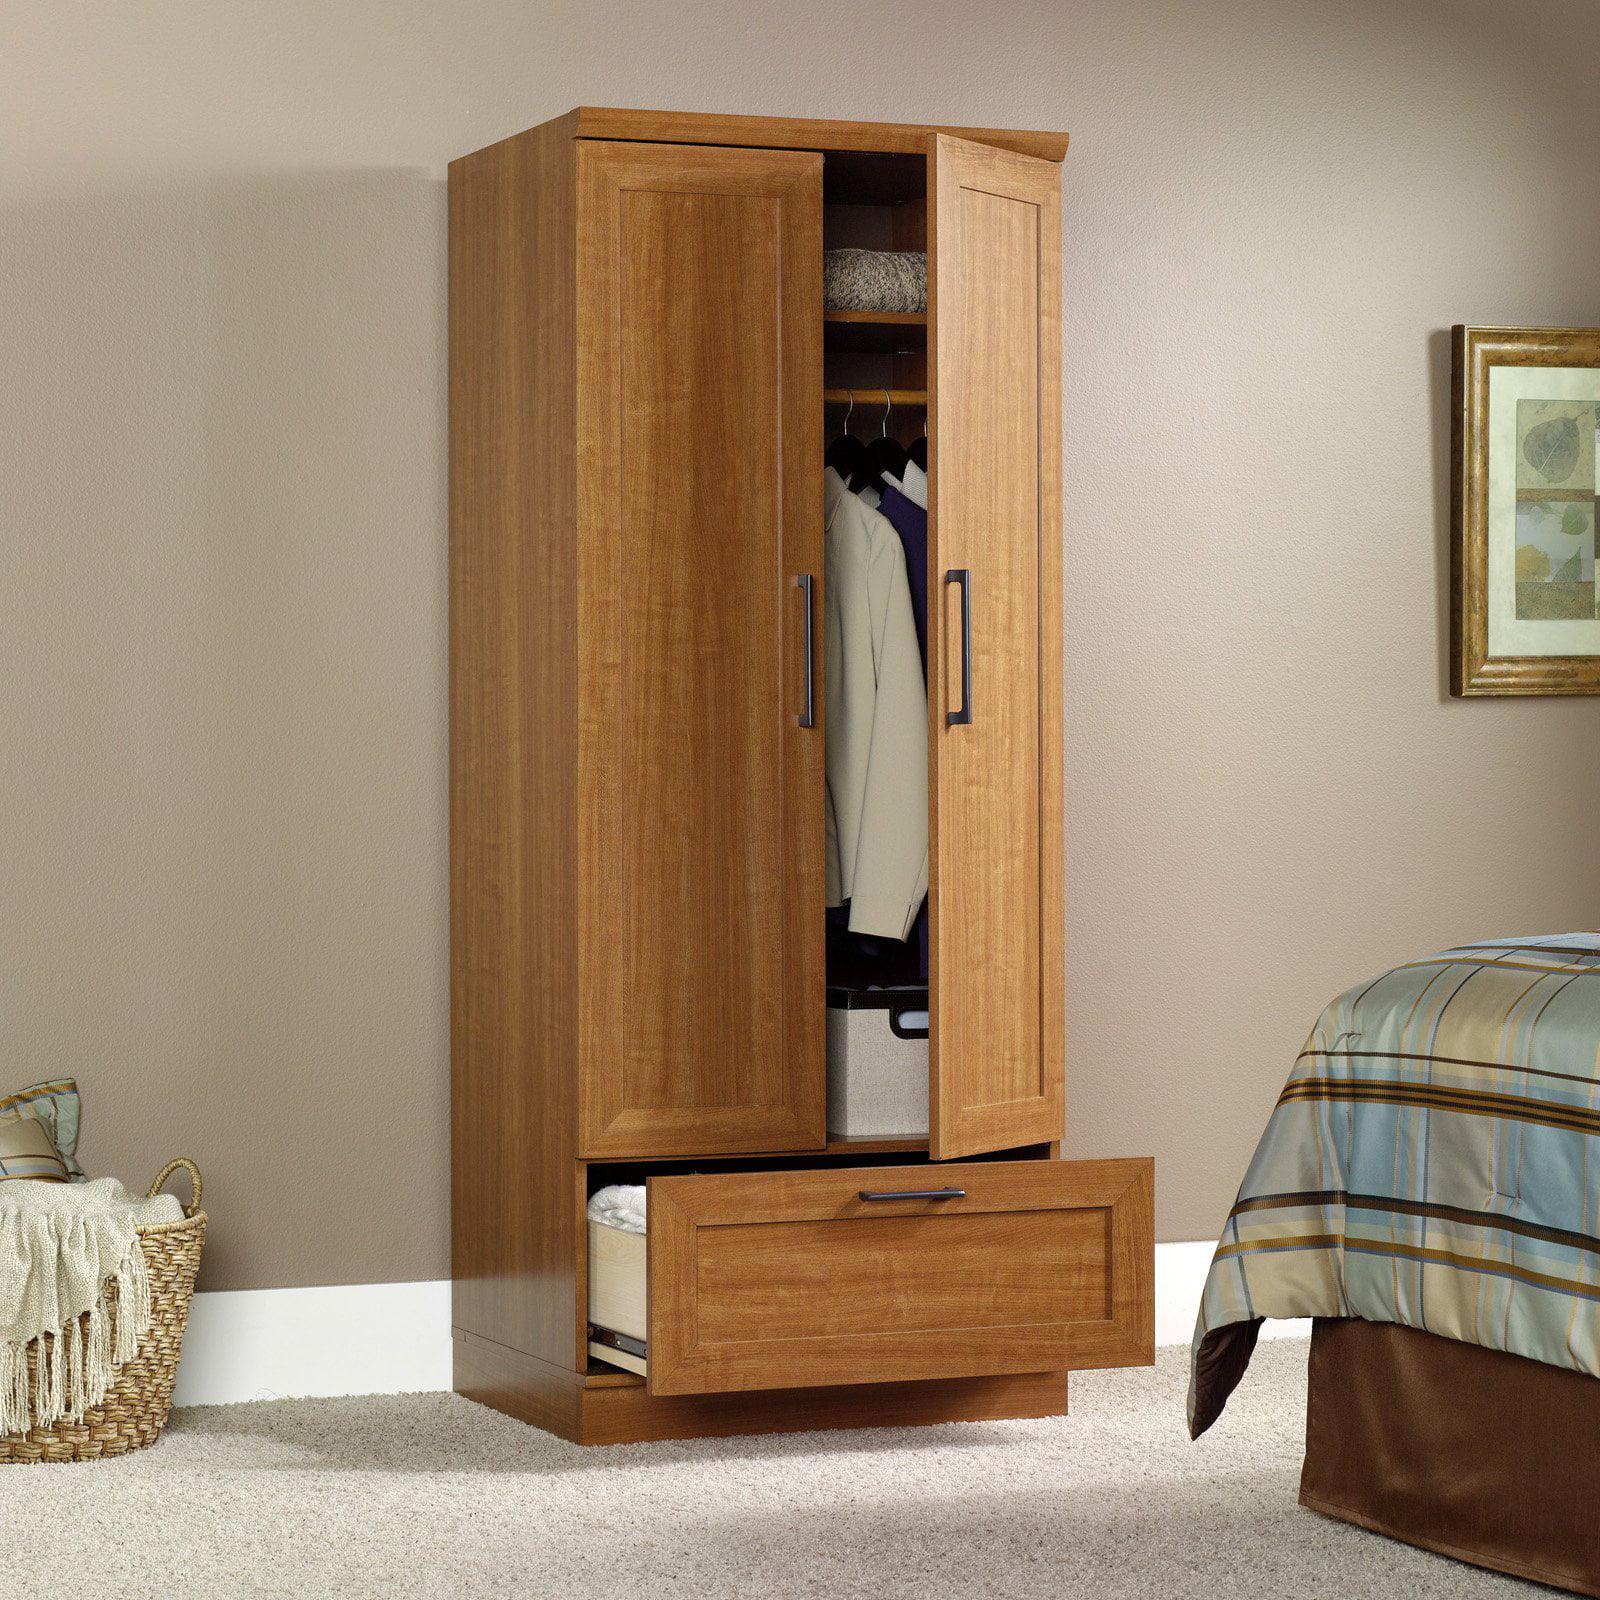 Sauder Homeplus Wardrobe/Storage Cabinet   Walmart.com